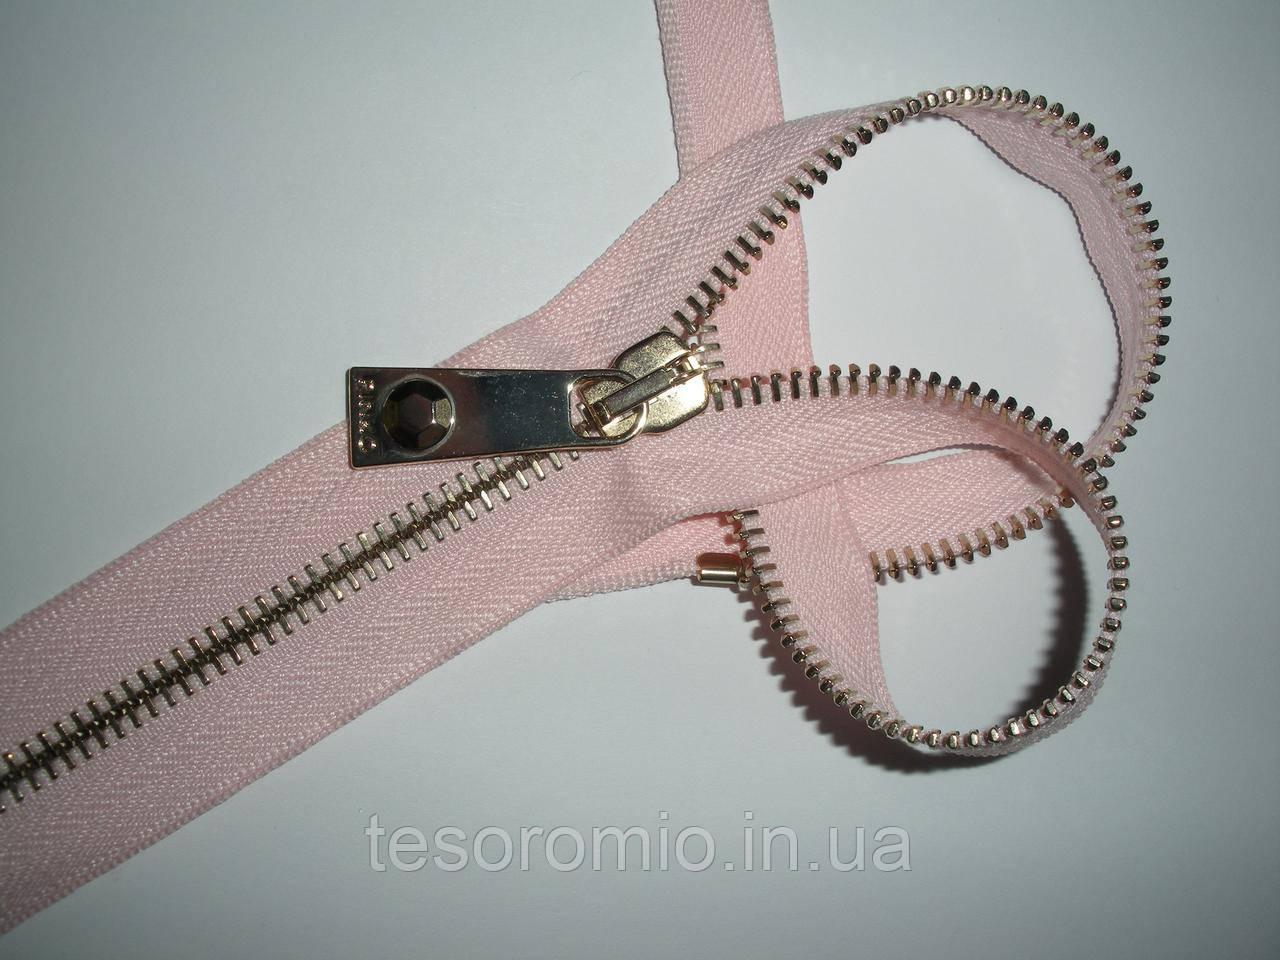 Молния металлическая разъемная 30см, 1 бегунок, тип 6. Основа - светло-розовая, зубцы - золото.